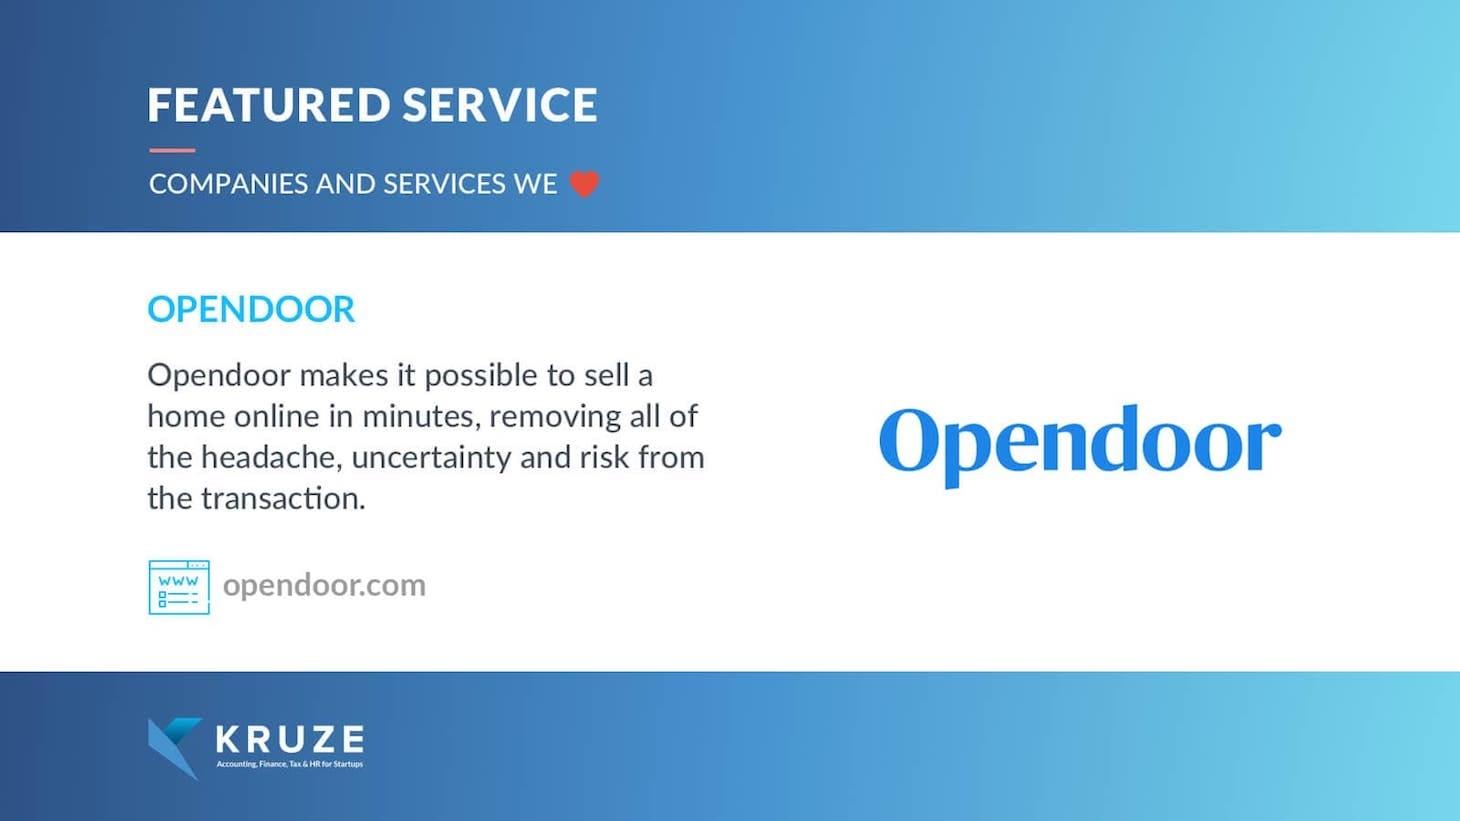 Featured Service - Opendoor